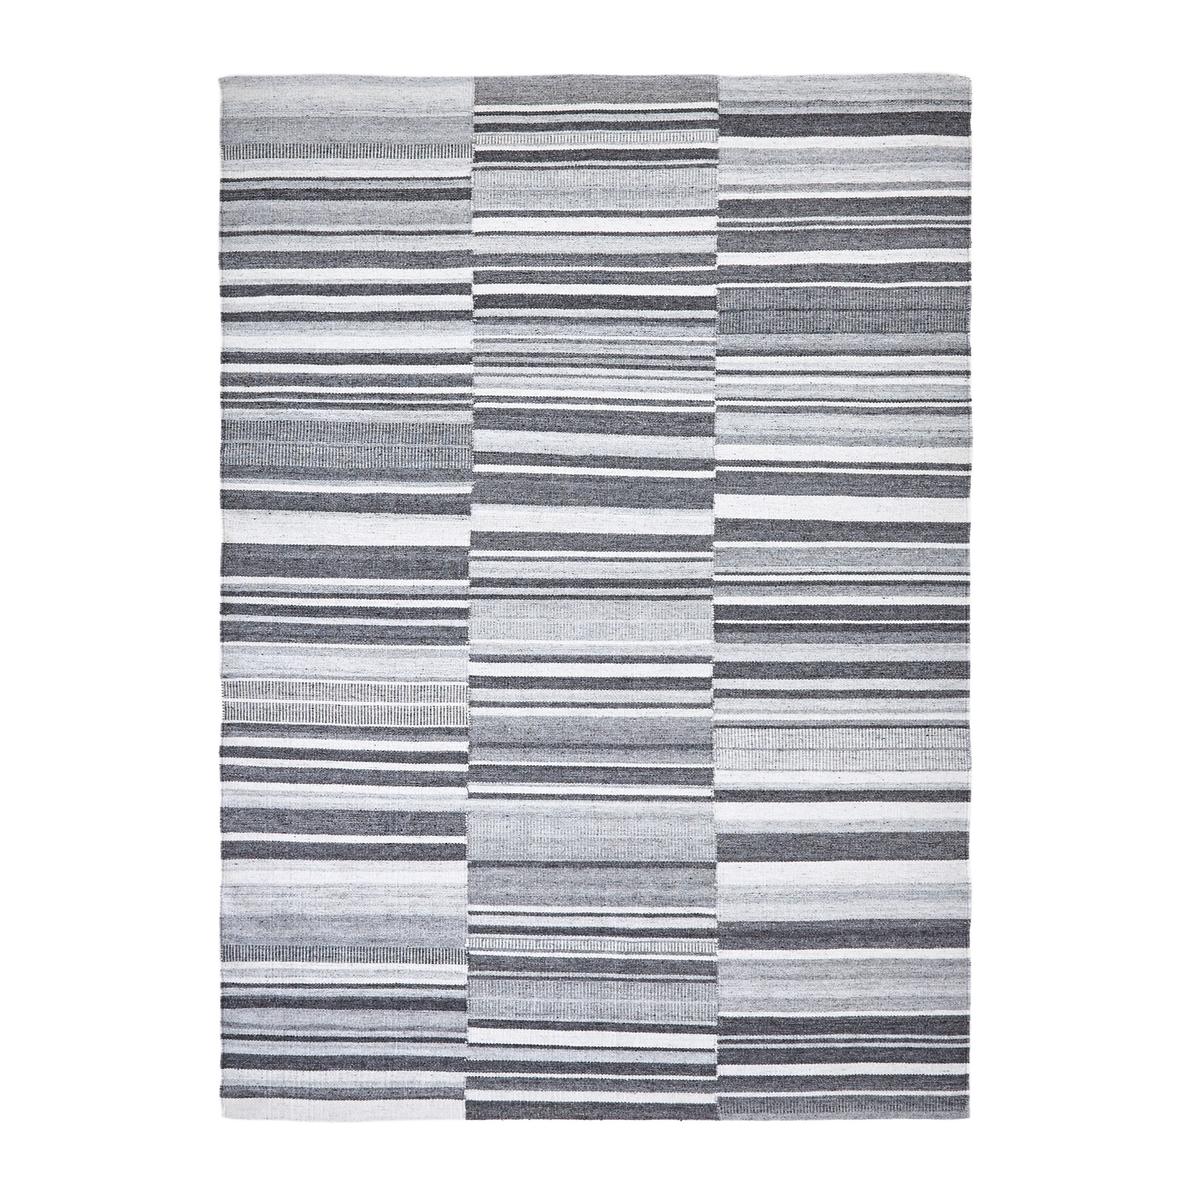 Ковер тканый с узором в восточном стиле, GilderoyКовер Gilderoy. Графичный ковер в современном стиле с рисунком в неровную полоску серого и черного цветов на бежевом фоне.Естественный термо и звукоизолятор, ковер соединяет пространство, согревает комнату, создает ощущение благополучия и комфорта. Это элемент декора, который придает стиль и атмосферу.Состав :- 50% шерсти, 50% вискозыХарактеристики :- Способ производства : ручное плетение.- Вес : 1500 г/м?Уход :регулярно чистить пылесосом. В случае появления пятен сразу промокнуть их чистой влажной тряпкой. Рекомендуется сухая чистка.Размеры ковра :Размер 1 :Ширина : 120 смДлина : 180 смРазмер 2 :Ширина : 160 смДлина : 230 смРазмер 3 :Ширина : 200 смДлина : 290 см.Доставка :Возможна доставка до квартиры по предварительному согласованию !Внимание ! Убедитесь, что дверные, лестничные и лифтовые проемы позволяют осуществить доставку ковра таких габаритов.<br><br>Цвет: серый в полоску